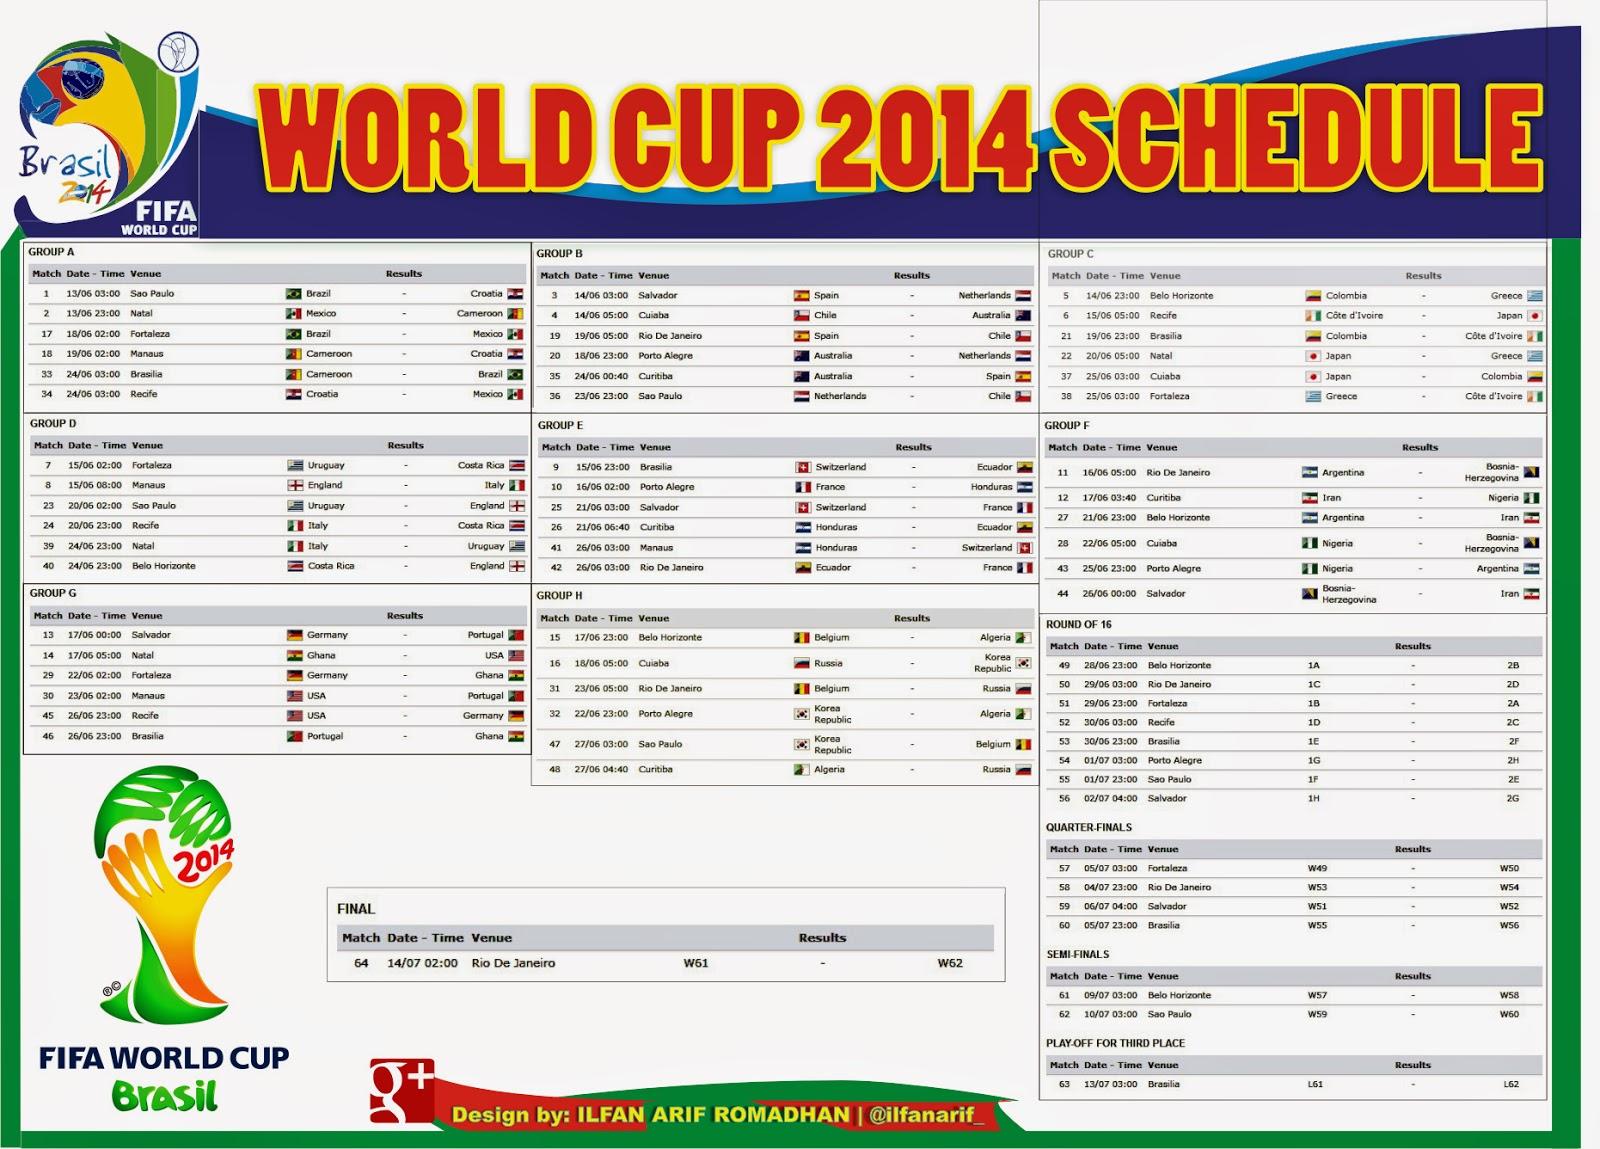 Jadwal Piala Dunia 2014 Brasil Jam Tayang Waktu Indonesia